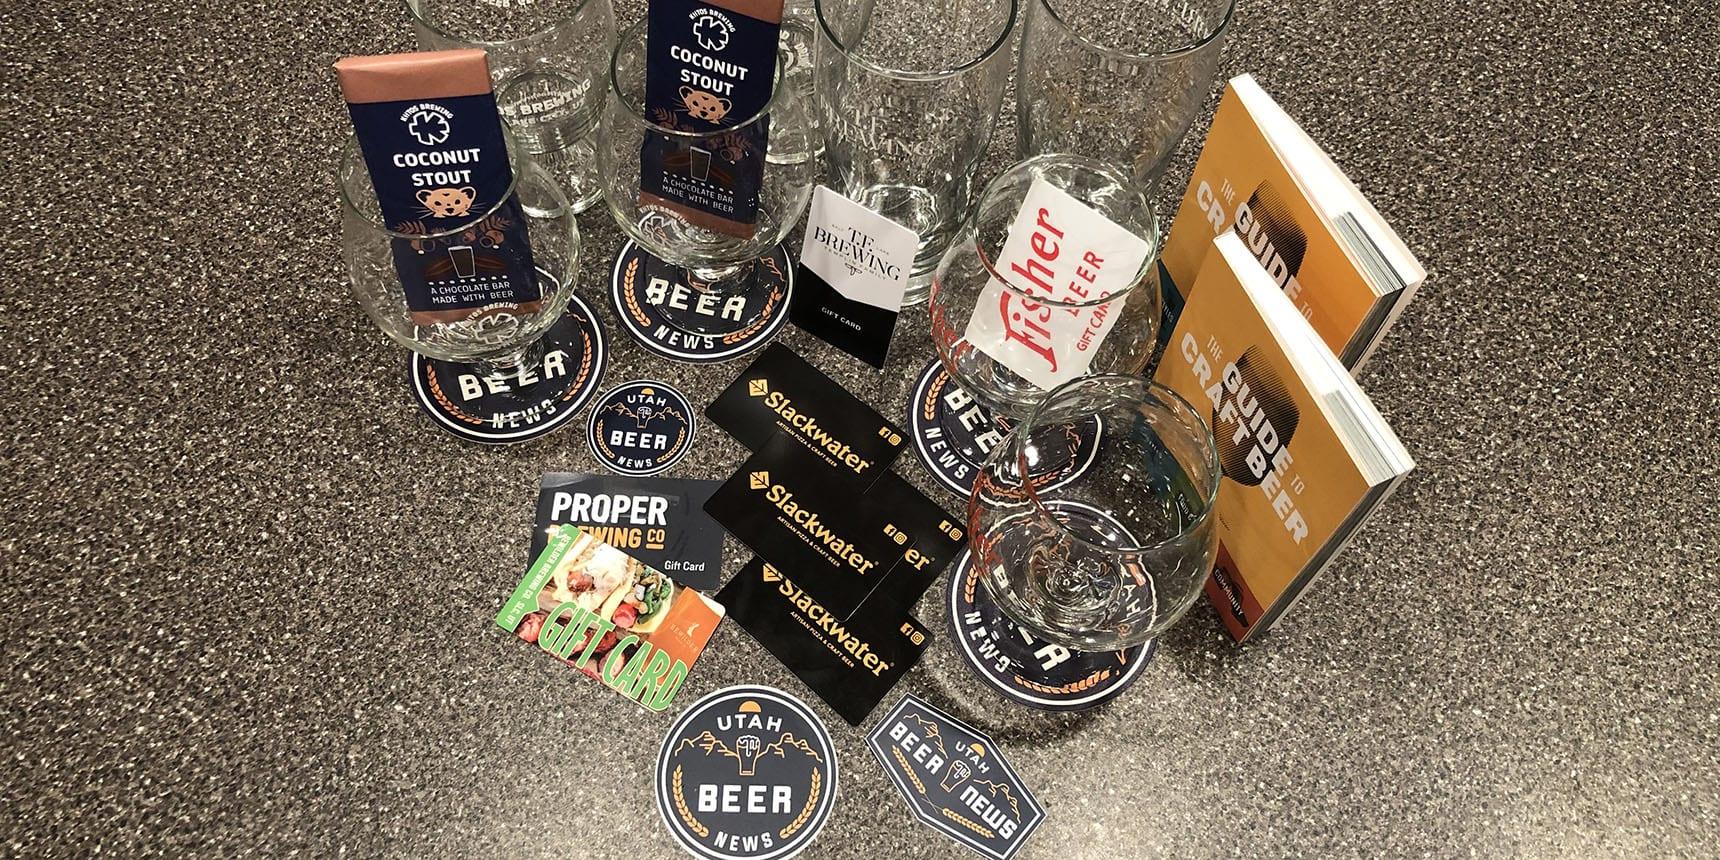 A sampling of goodies included in Utah Beer News Prize Packs. We randomly selected four survey respondents to win some Utah craft beer merchandise.